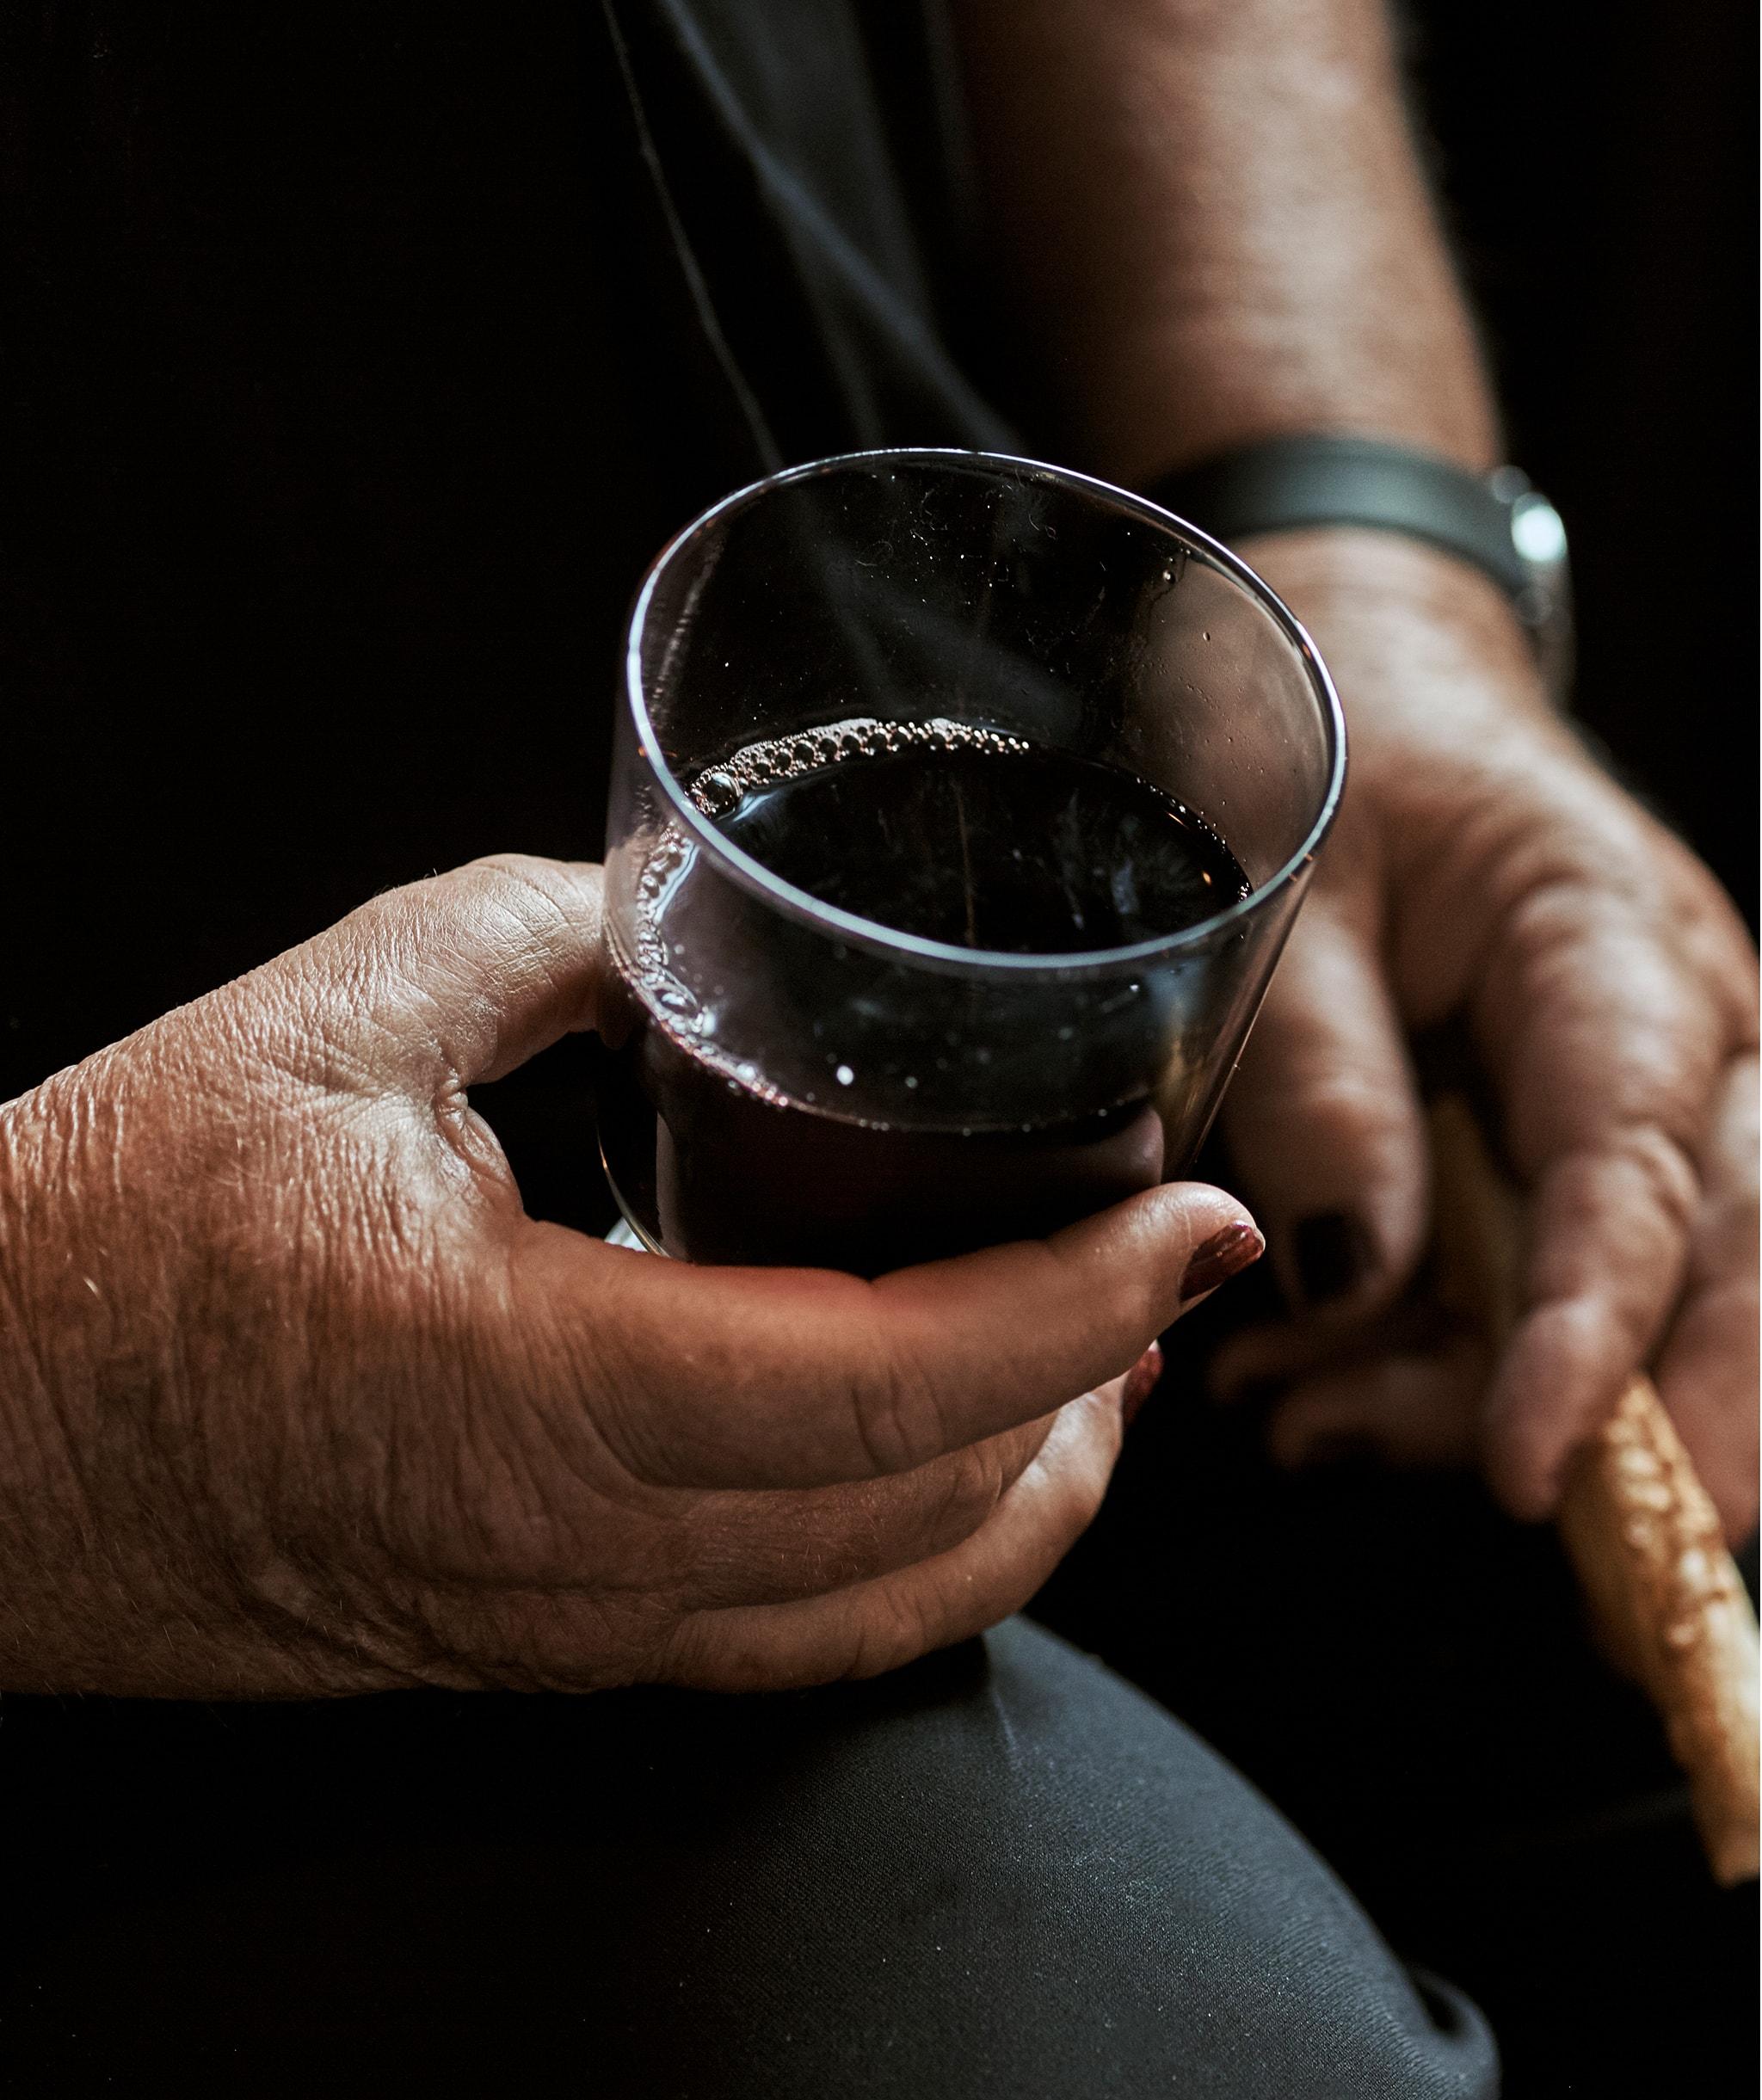 Seorang wanita dengan kuku dicat duduk dan memegang segelas anggur di satu tangan dan roti di tangan lainnya.